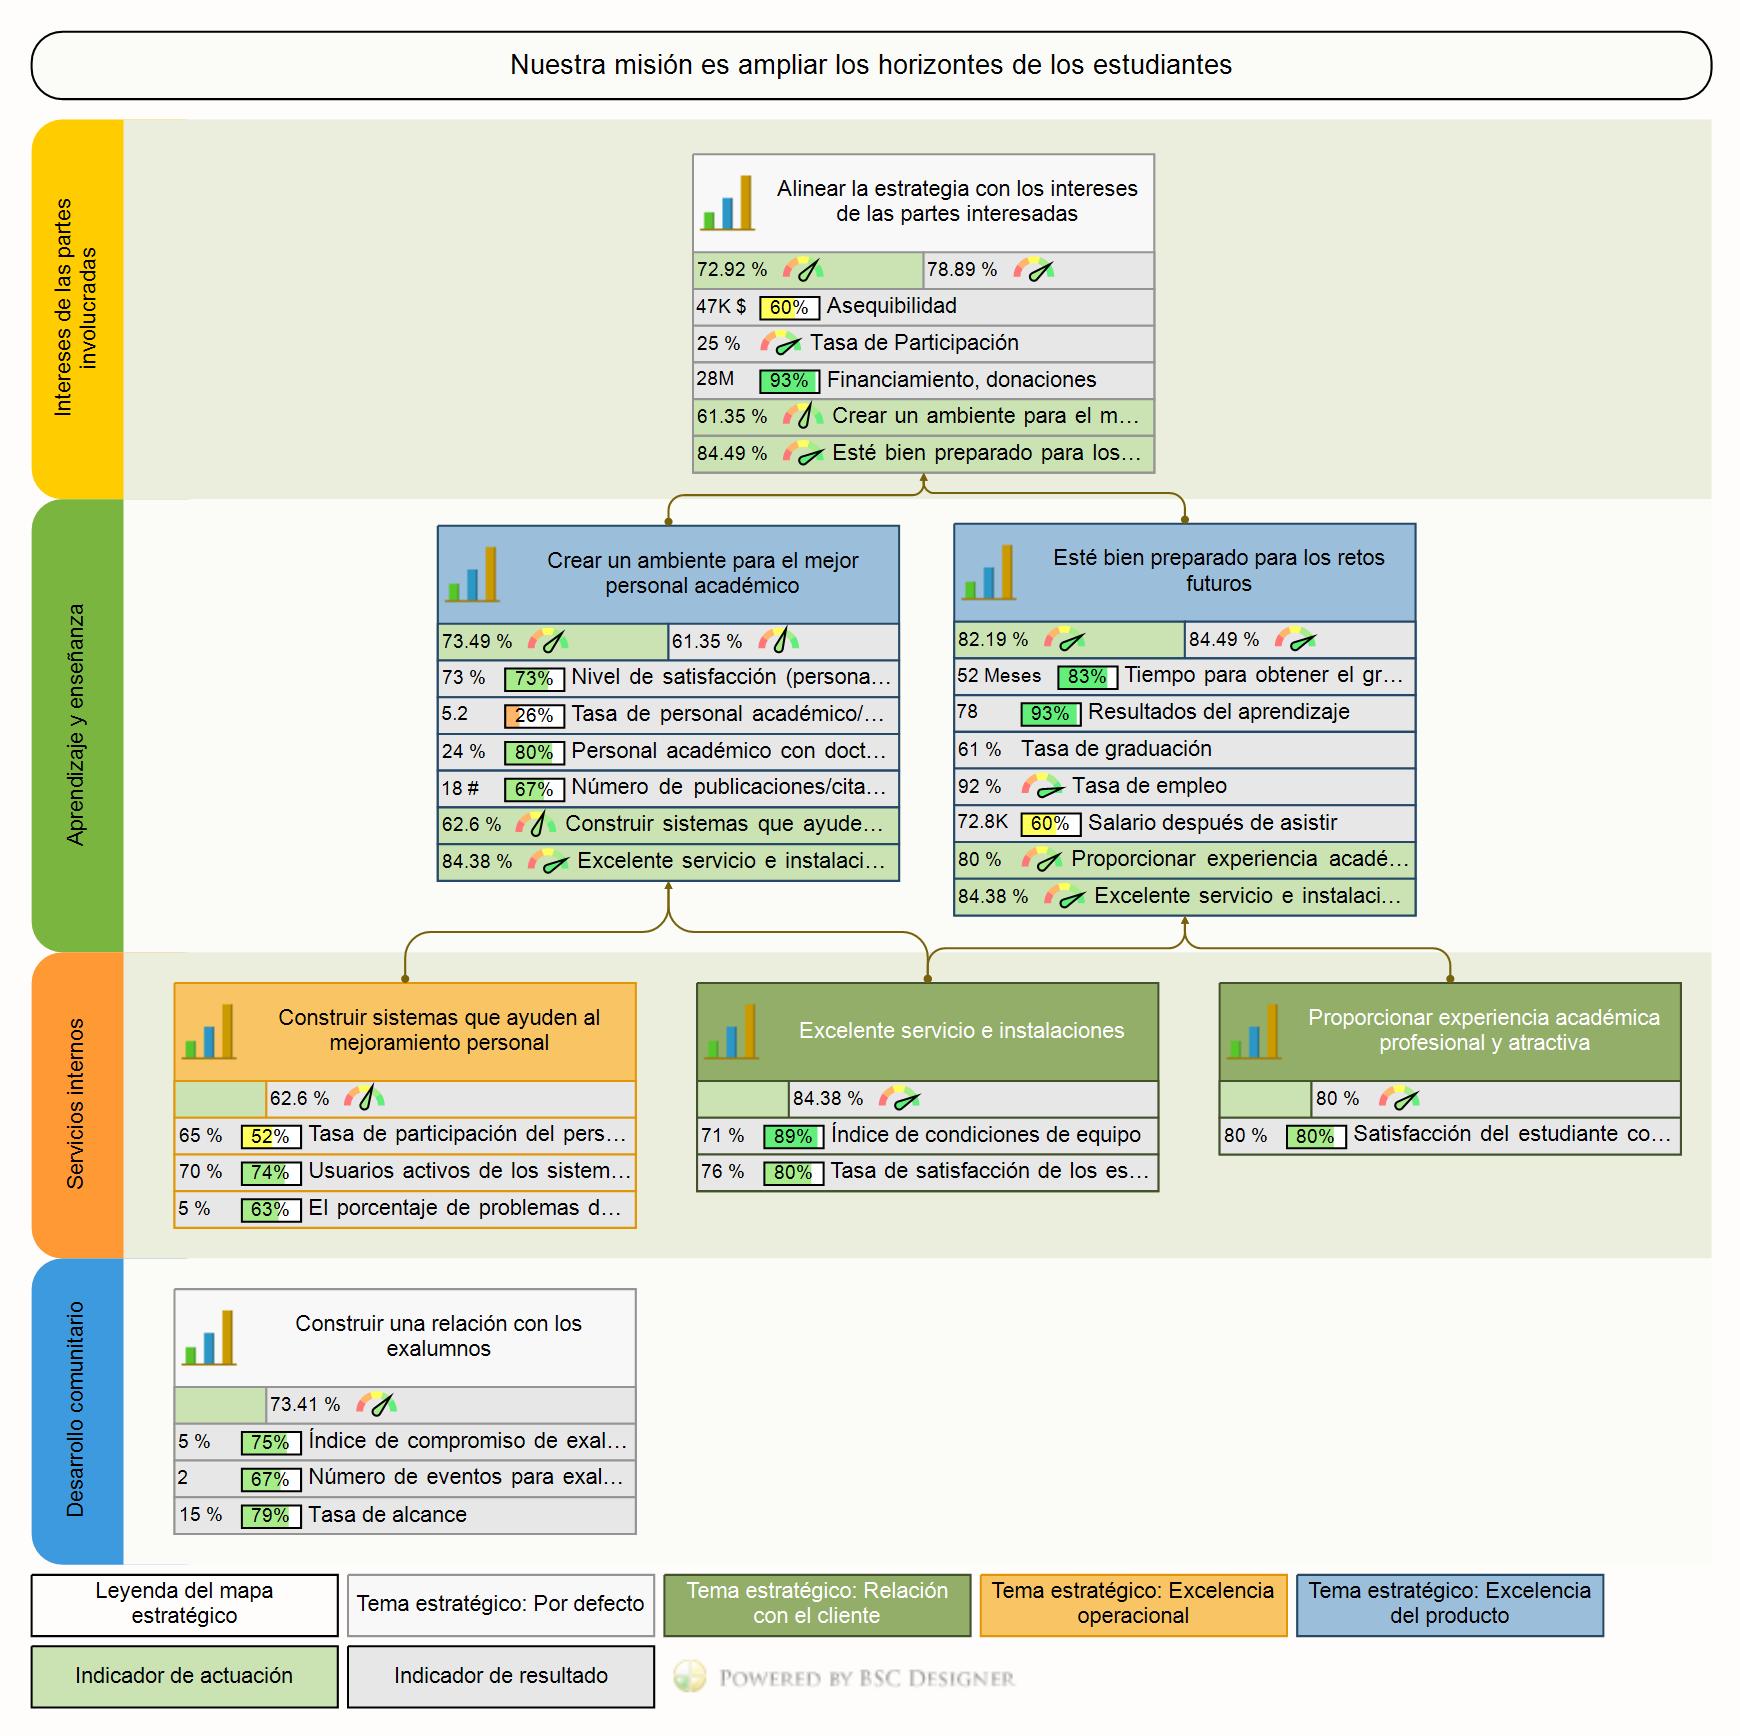 Un ejemplo de un mapa estratégico para una universidad